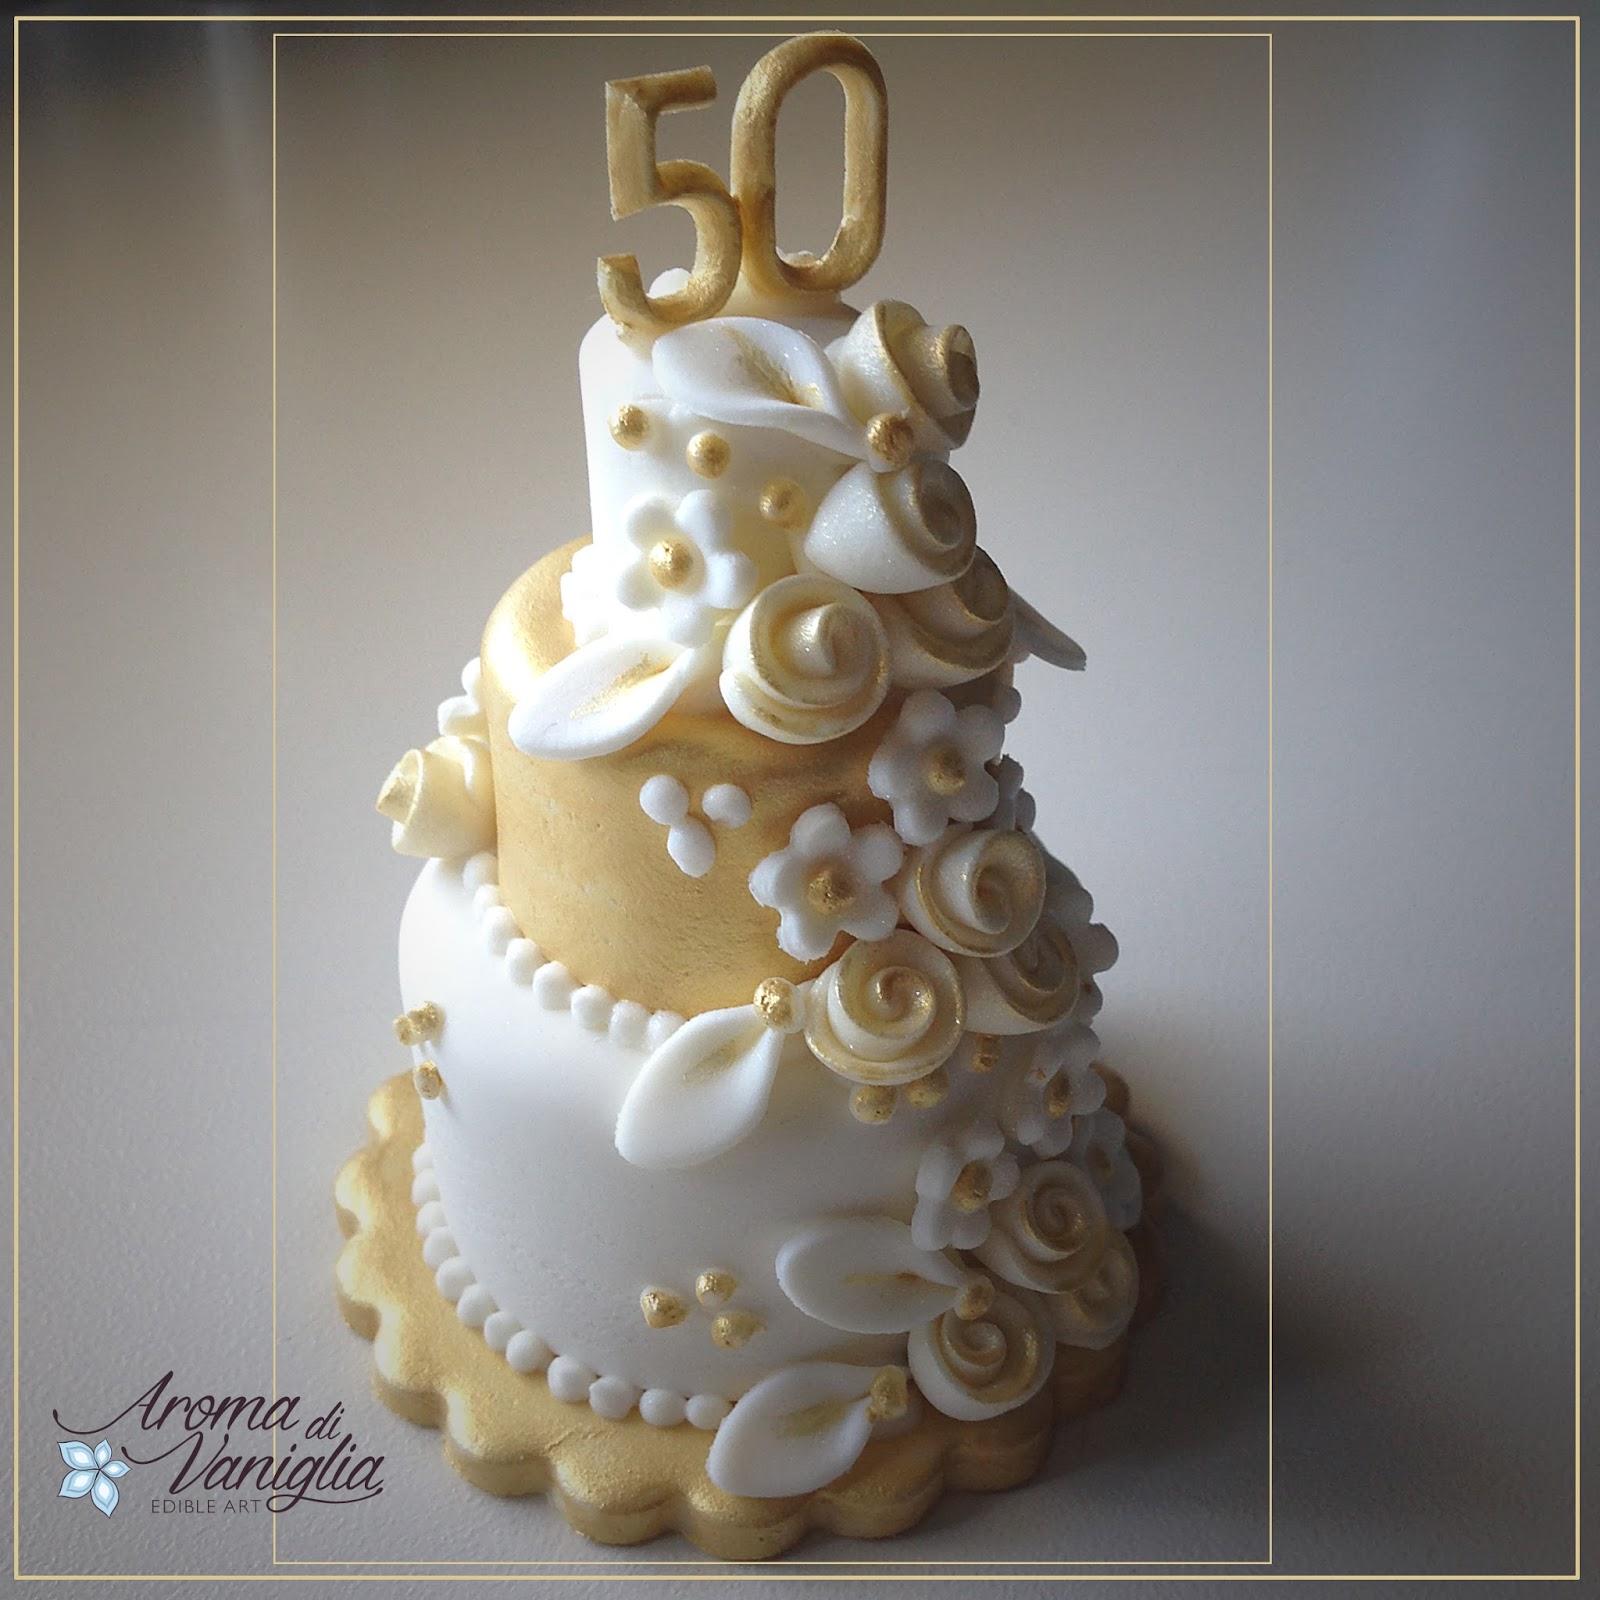 Eccezionale aroma di vaniglia: nozze d'oro FG57